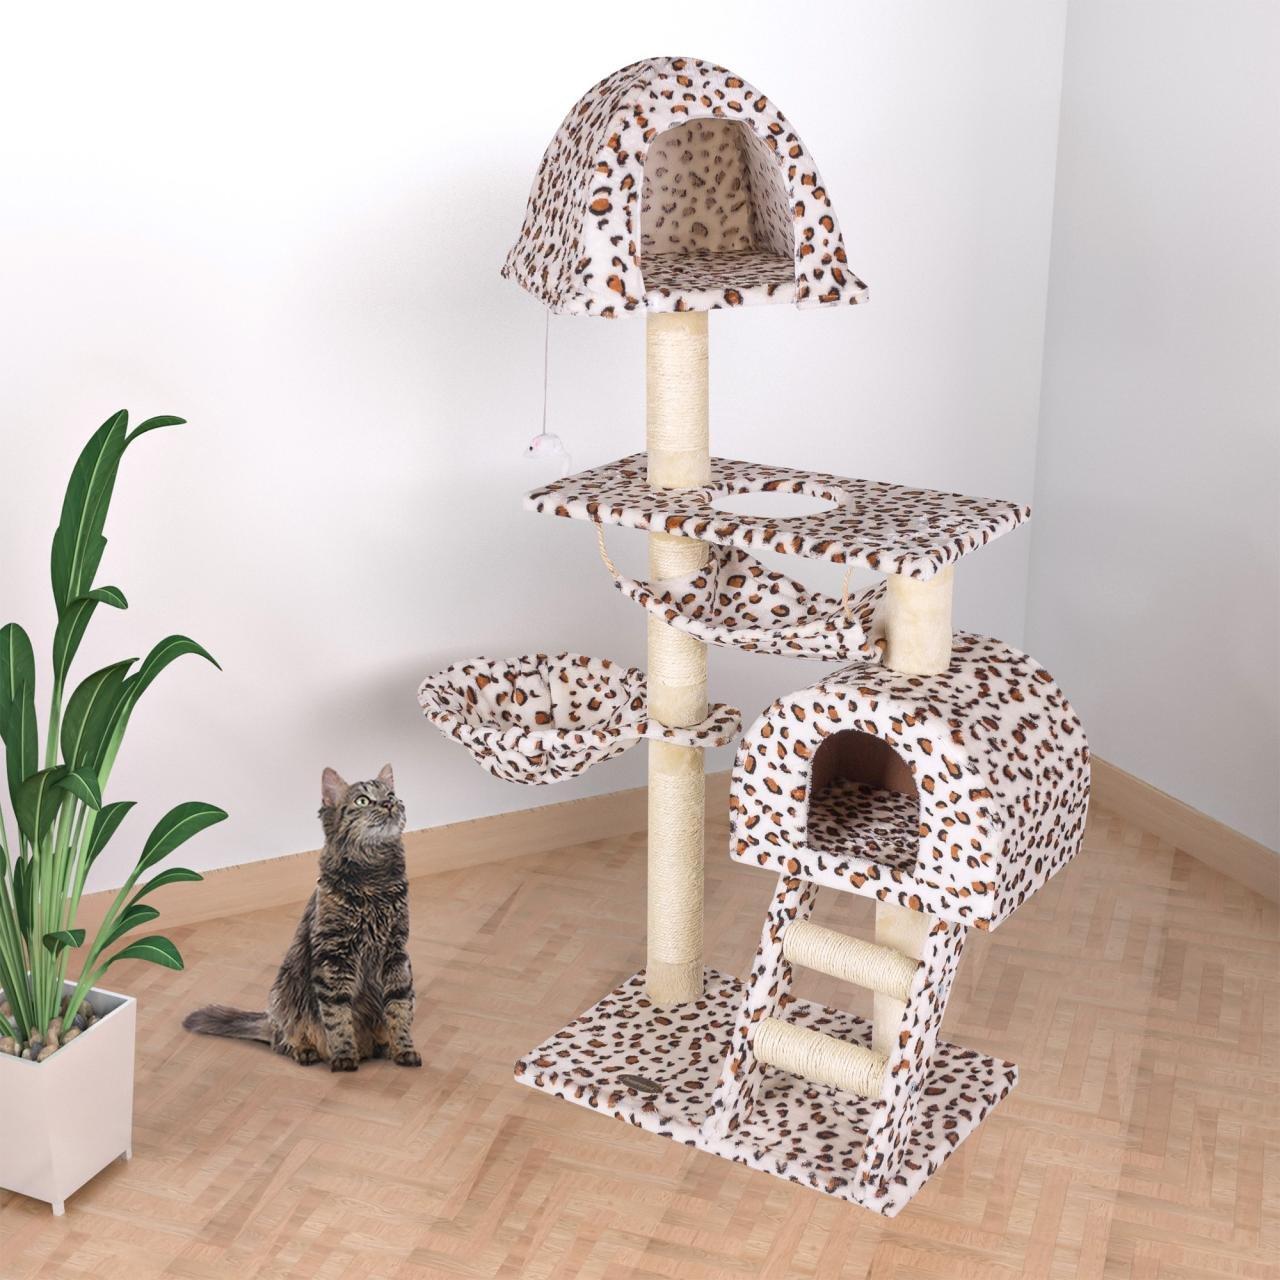 Happypet Árbol Gimnasio para gatos de Sisal, rascador, tamaño mediano grande, 130 x 65 x 45 cm.: Amazon.es: Productos para mascotas